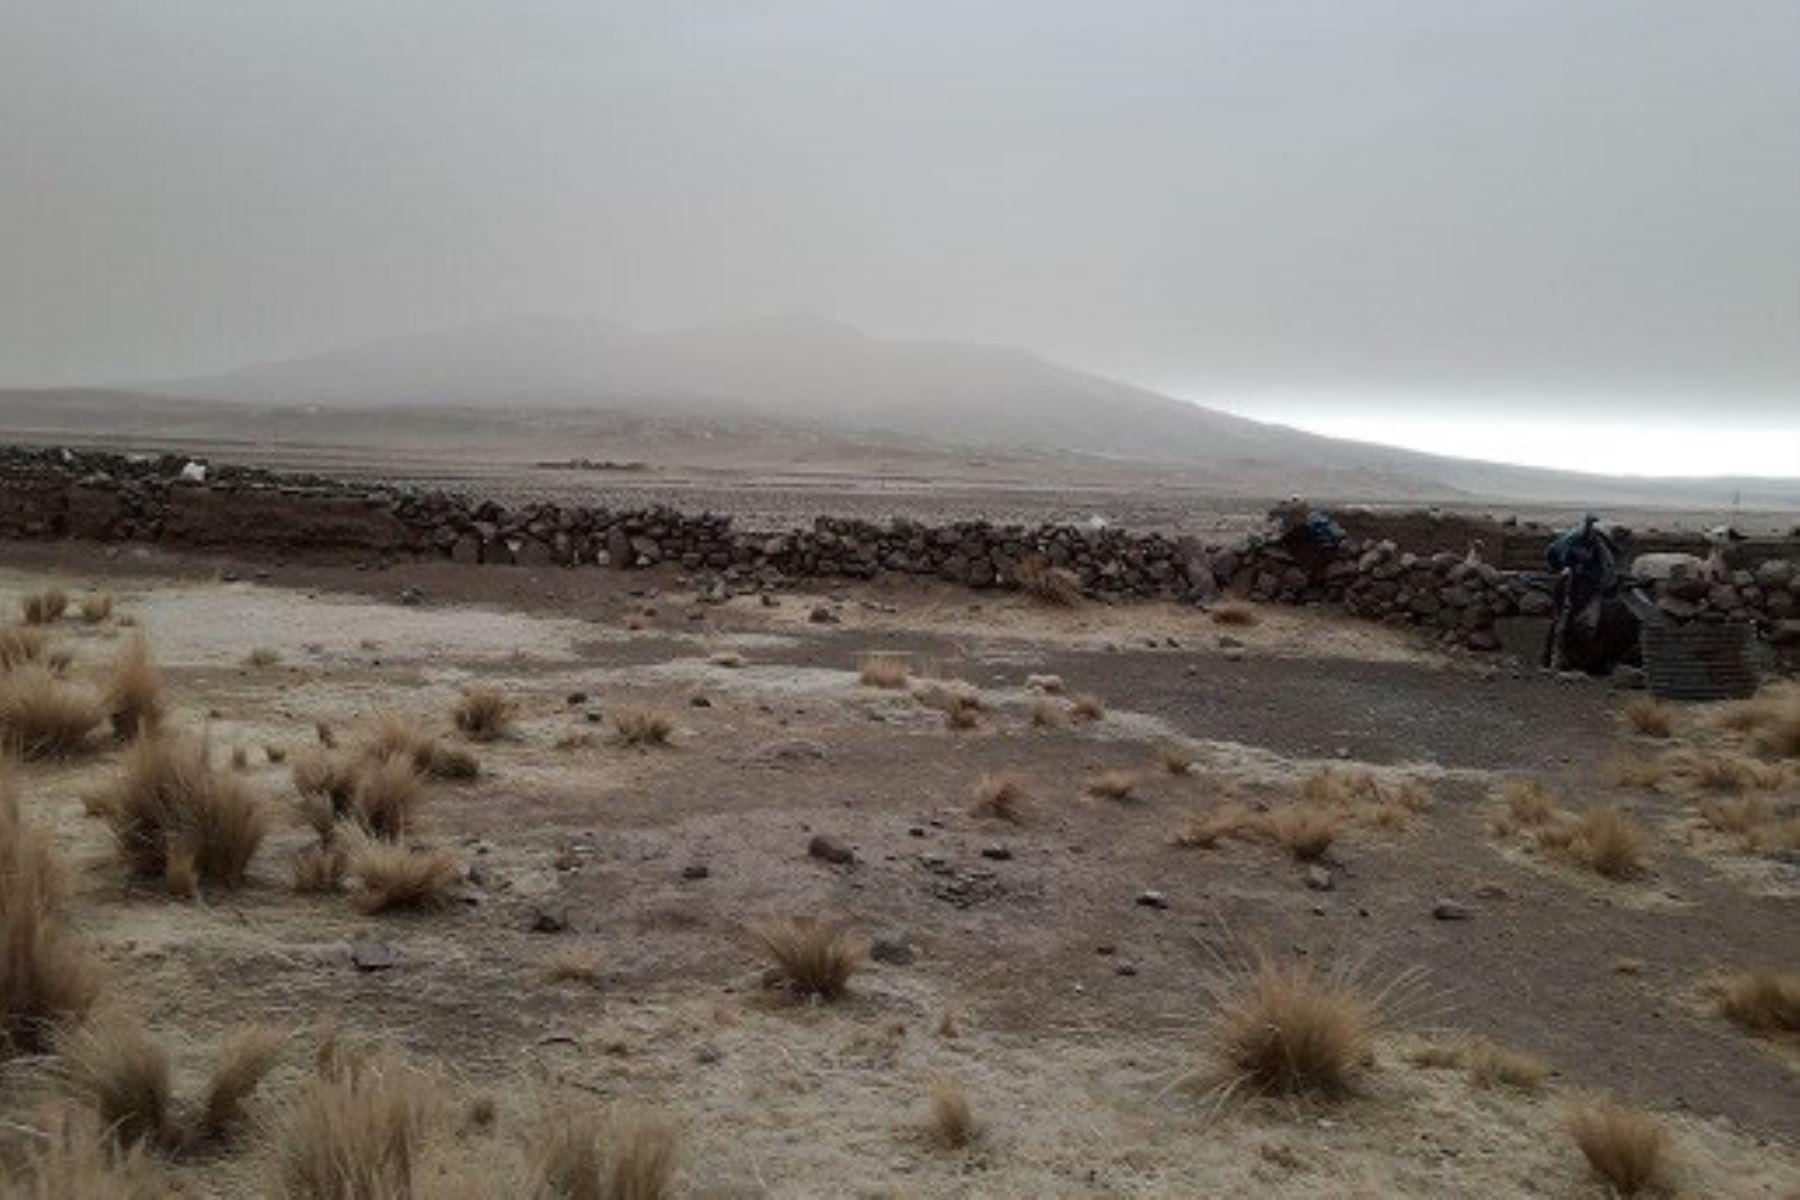 Las cenizas producto de la erupción del volcán Ubinas (Moquegua) han cubierto pastos naturales y forrajes cultivados.